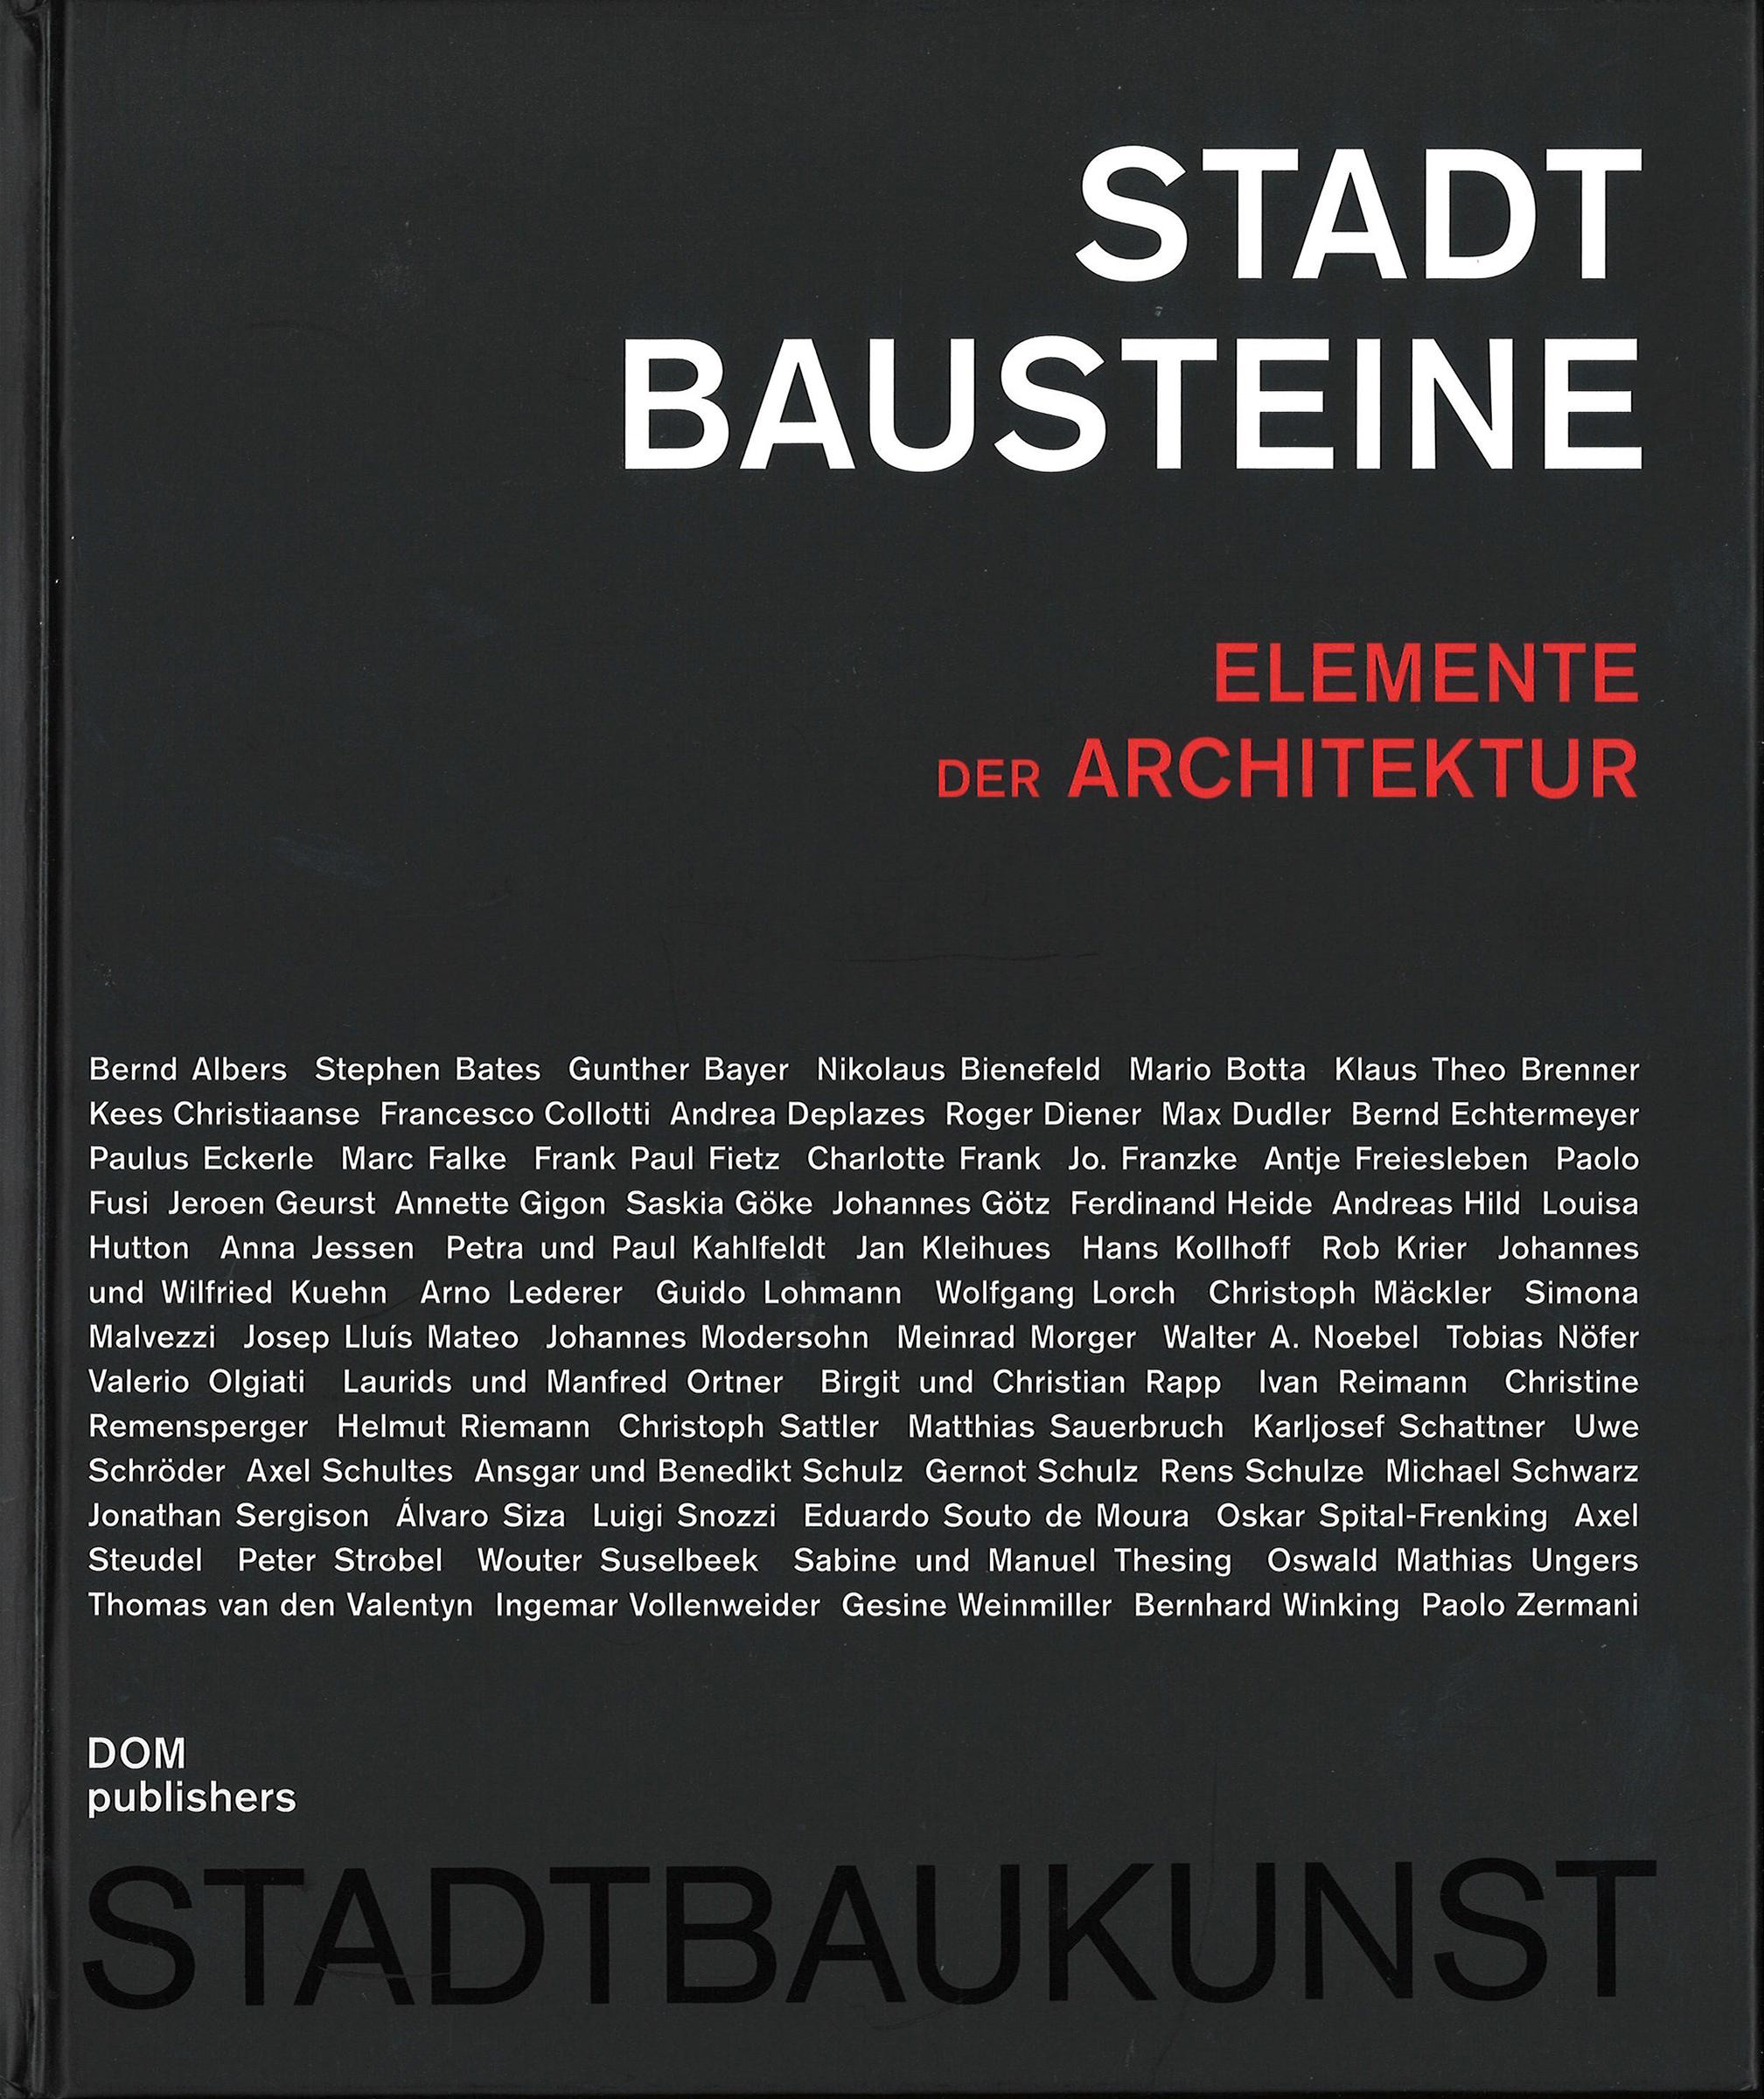 Stadt Bausteine Elemente der Architektur Christoph Mäkler, Frank Paul Fietz, Saskia Göke DOM publishers, Berlin 2016 ISBN: 978-3-86922-551-7